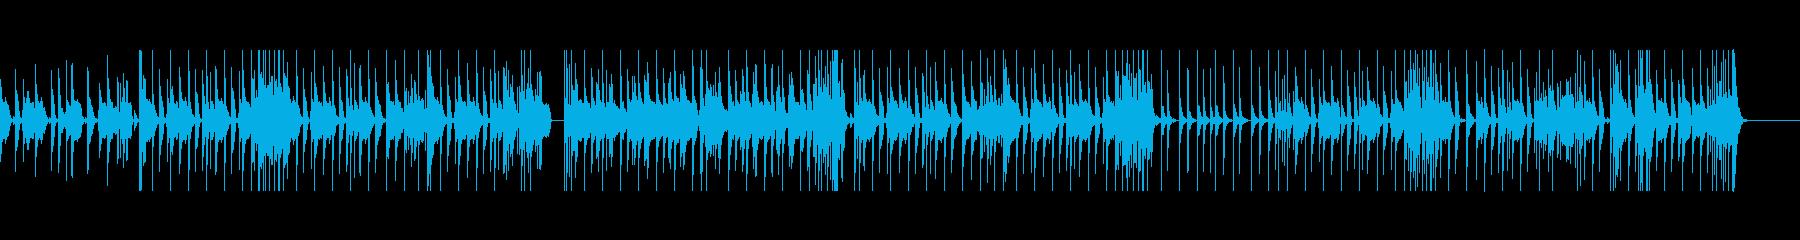 仕事がはかどるポップなドラムミュージックの再生済みの波形